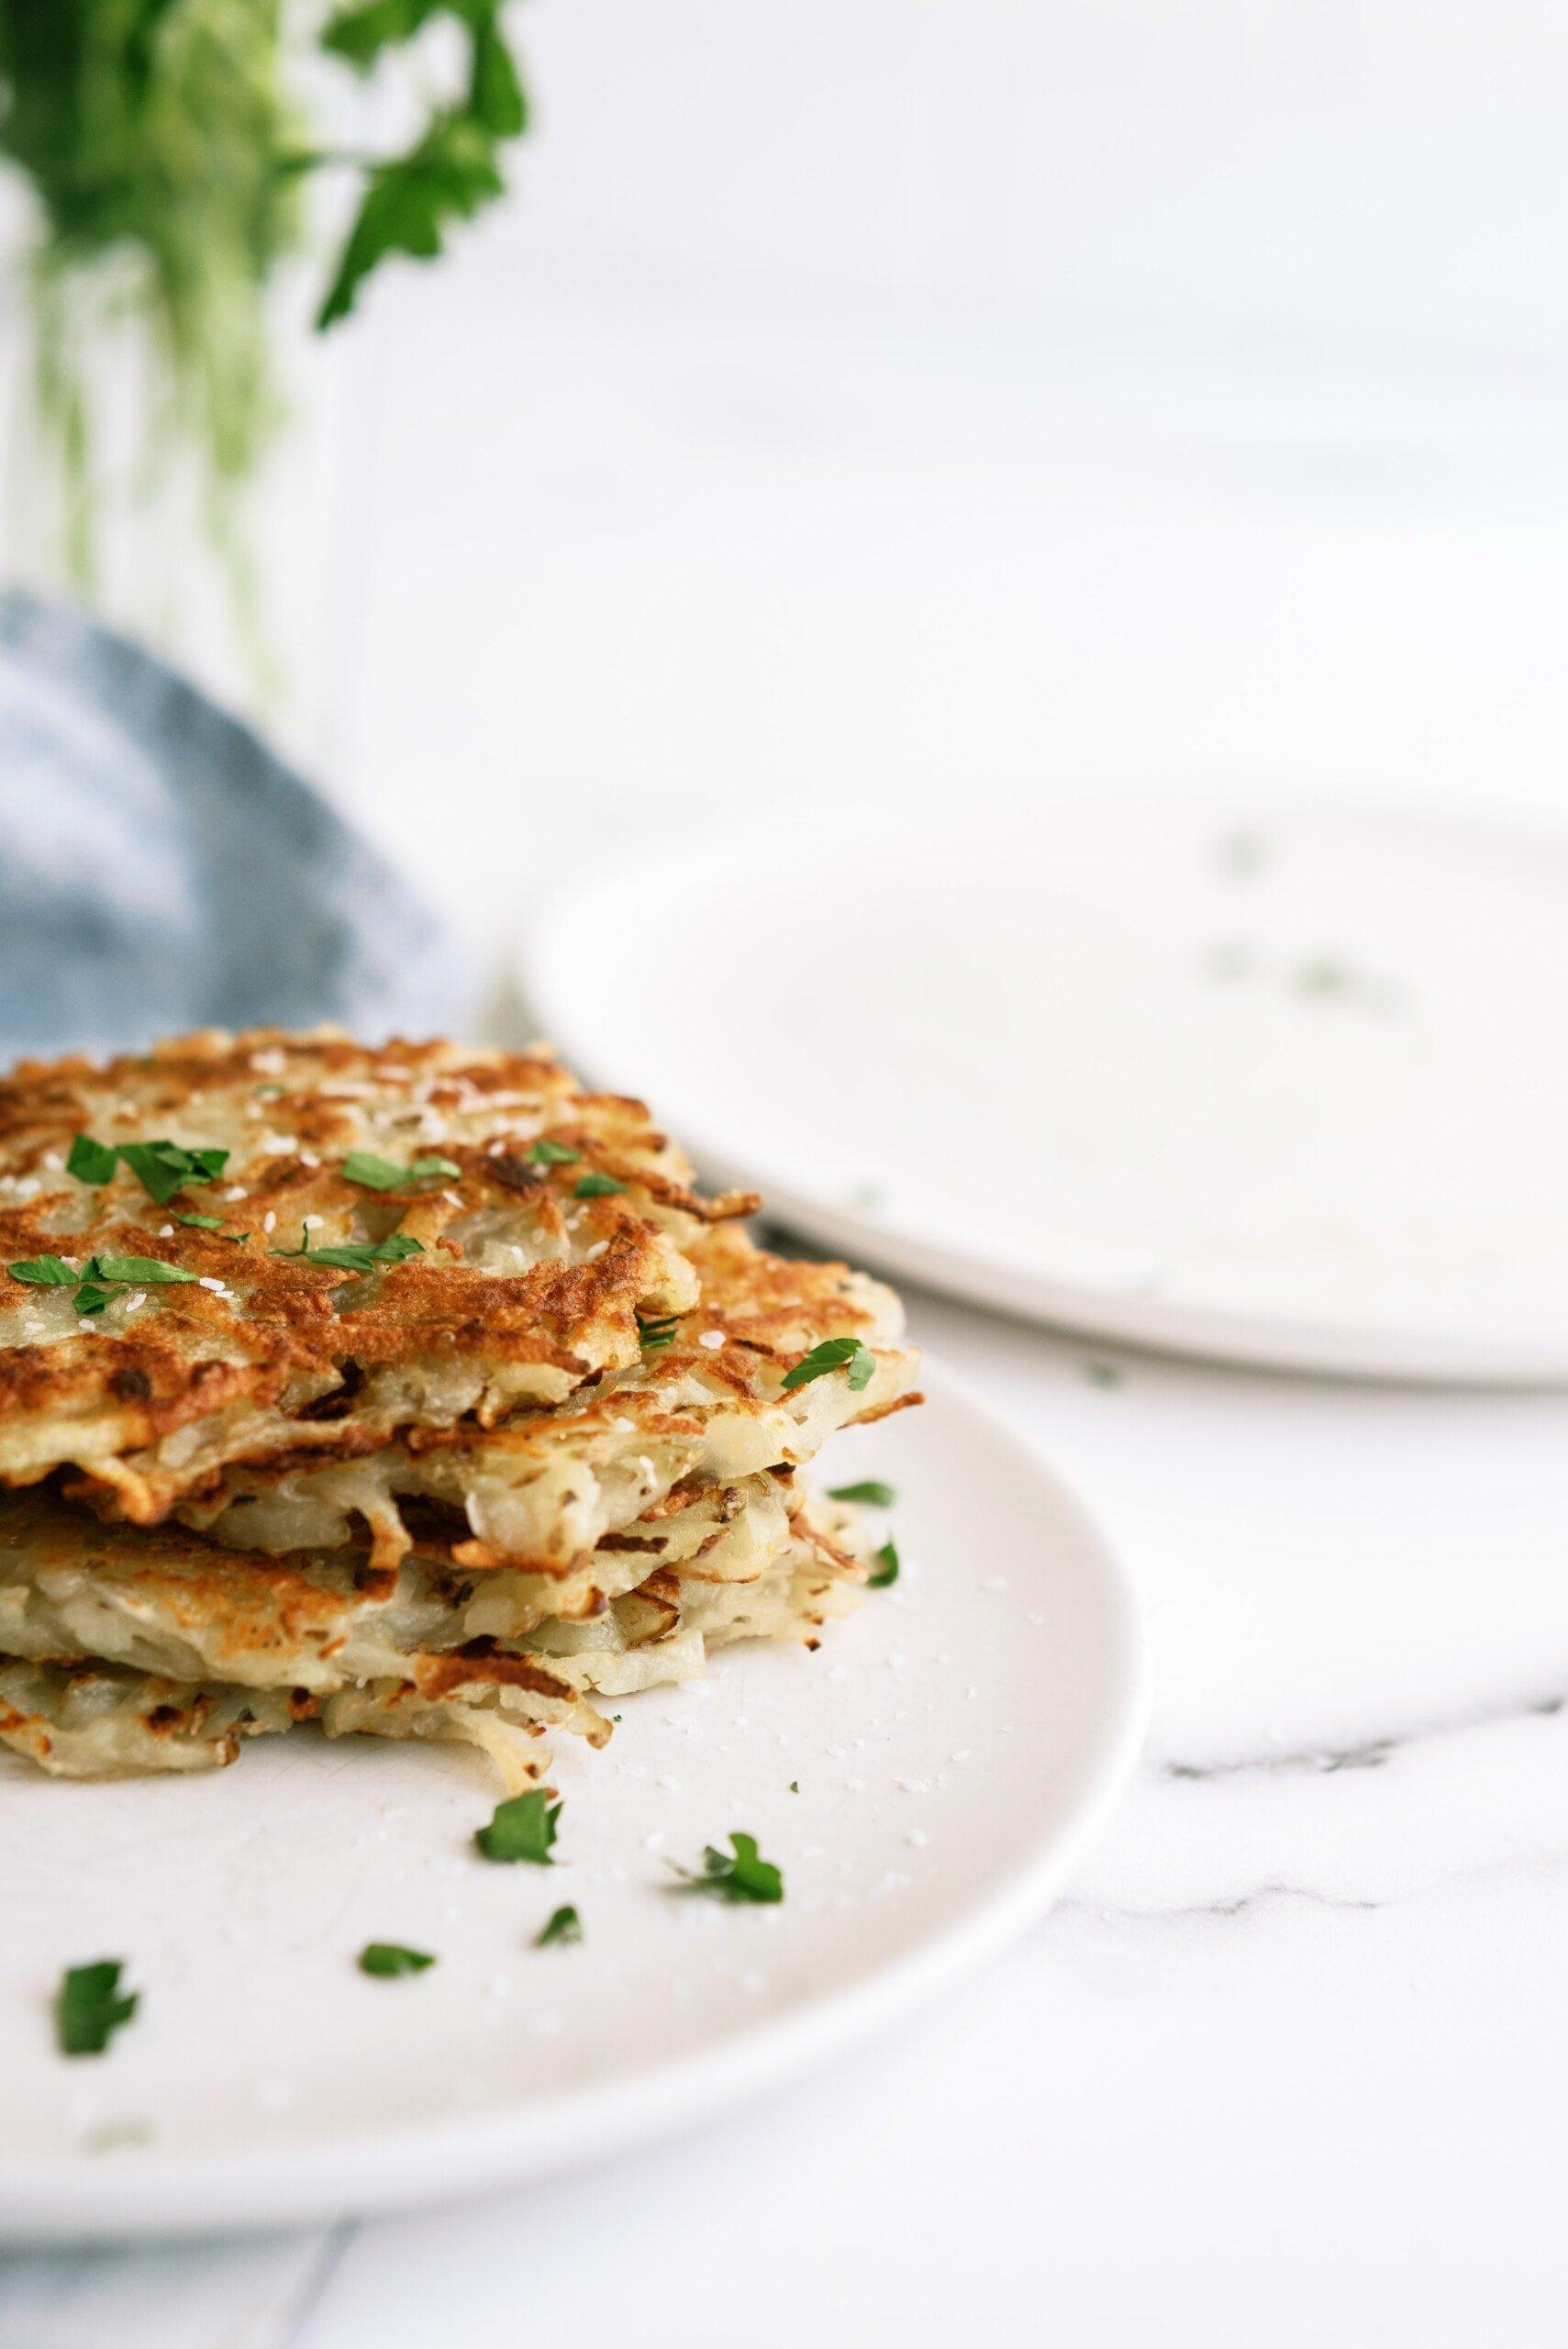 potato pancakes stacked on a white plate